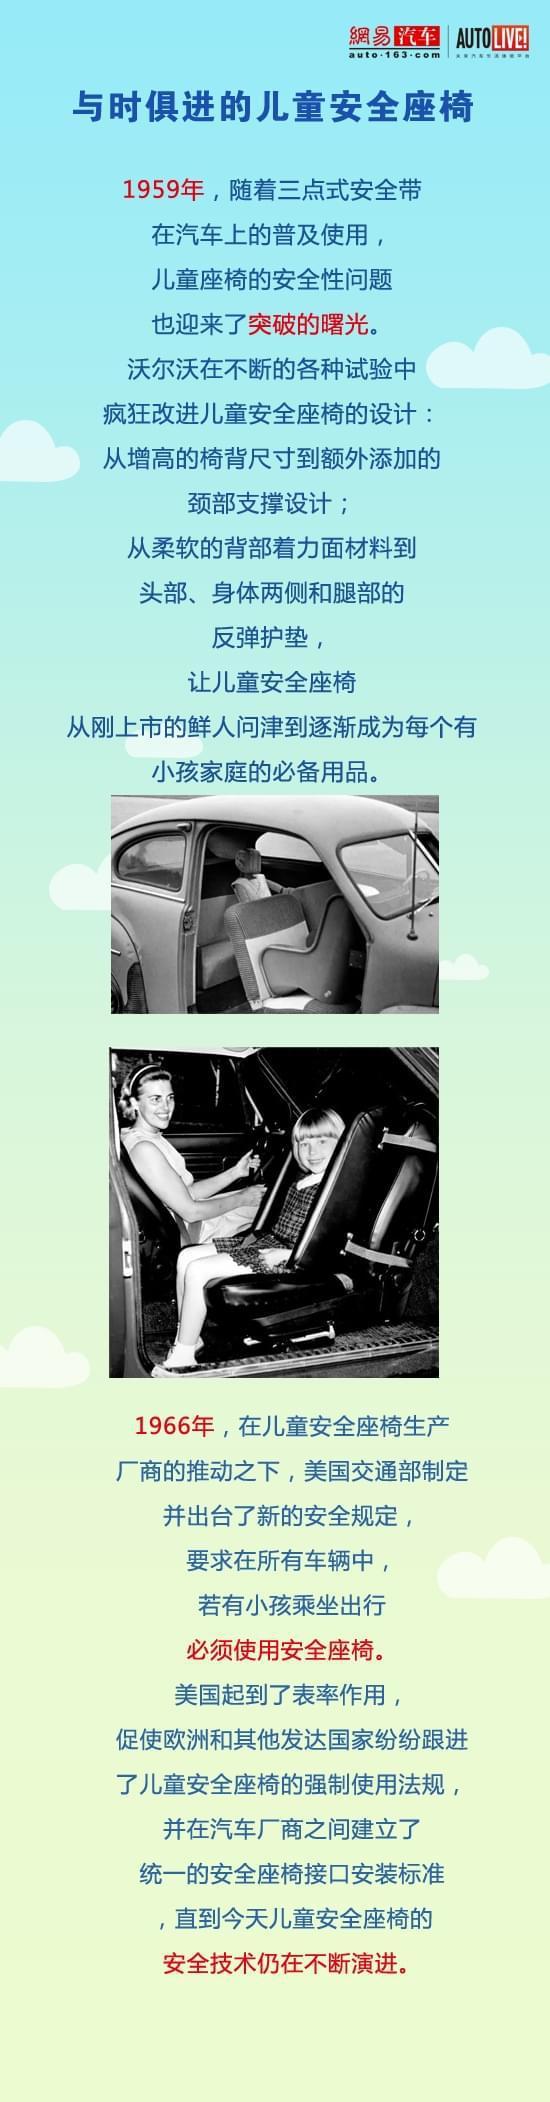 生产大国消费小国 各位为何不买儿童安全座椅?